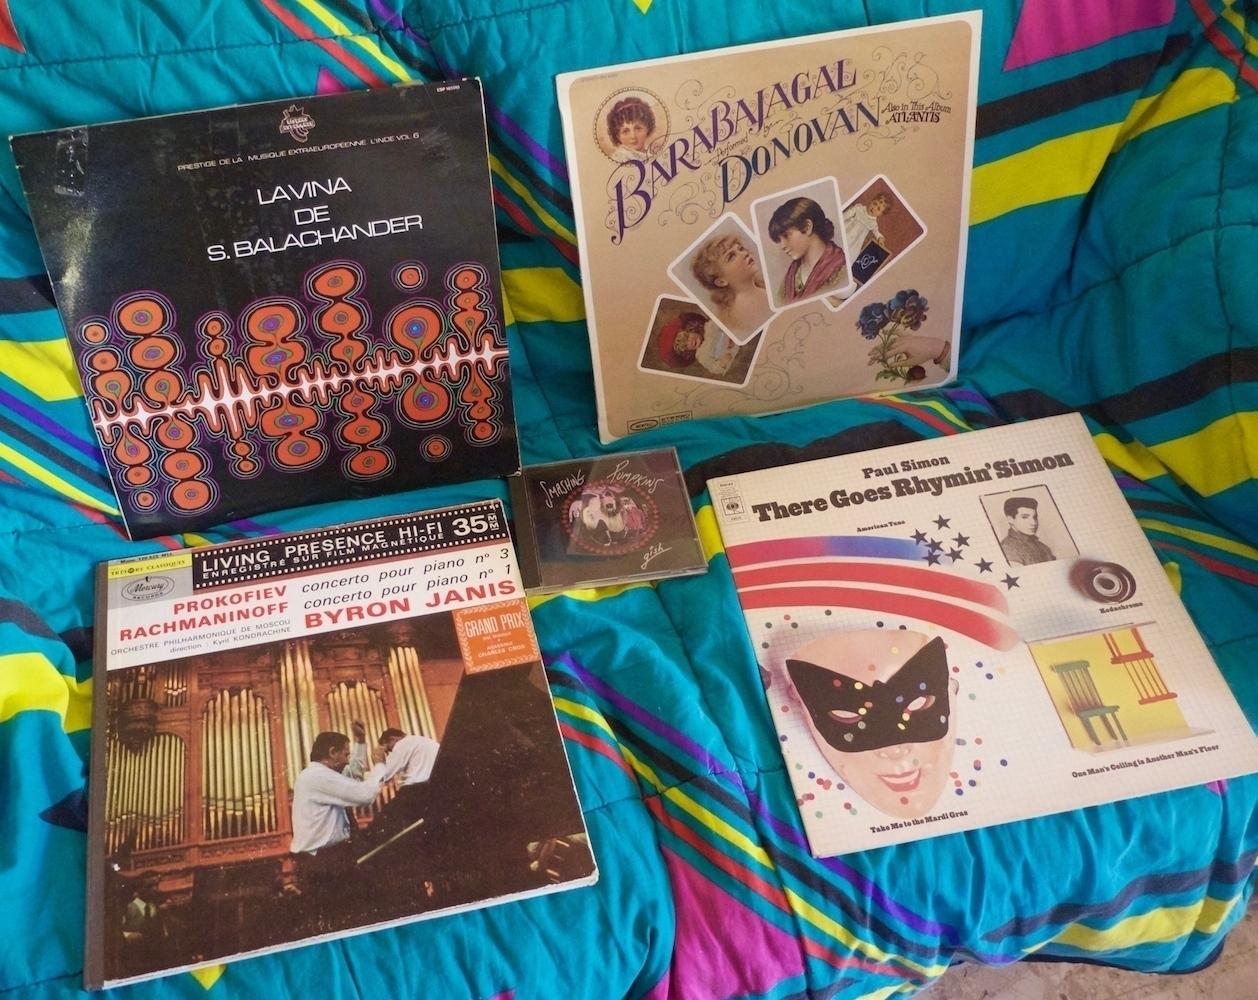 Musique des Indes, du Folk, un Classique et Paul Simon